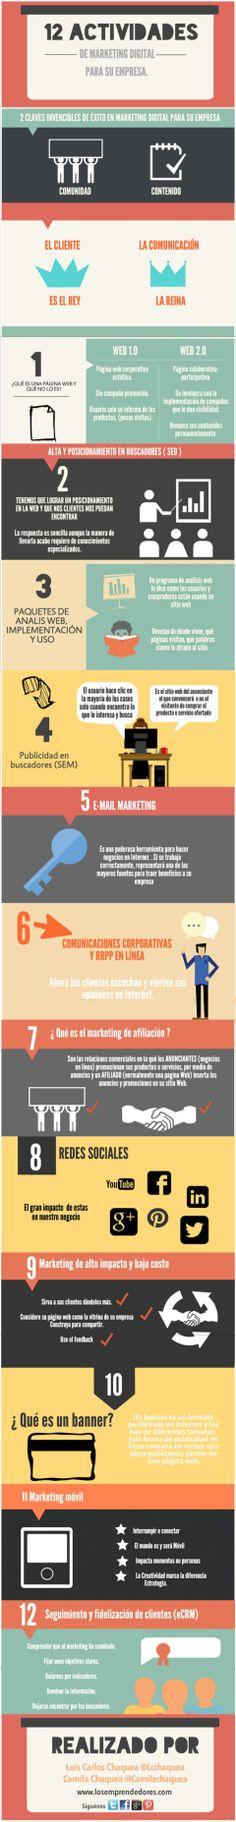 12 actividades de Marketing Digital para su empresa